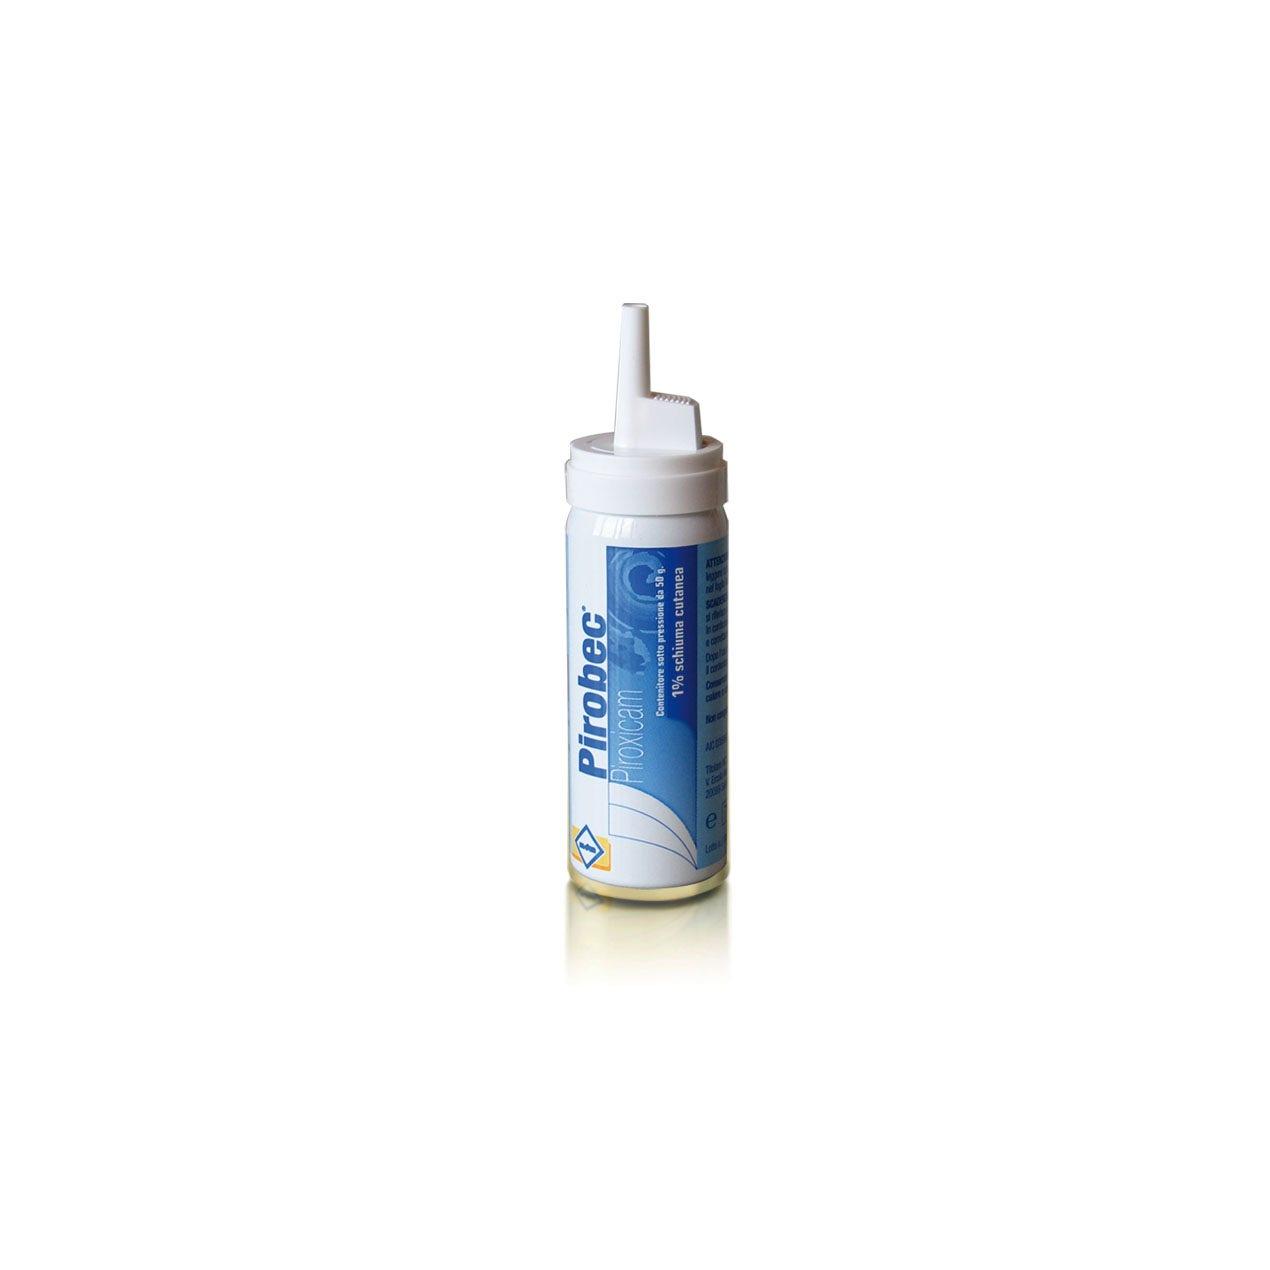 Pirobec Schiuma Cutanea 50g 1%